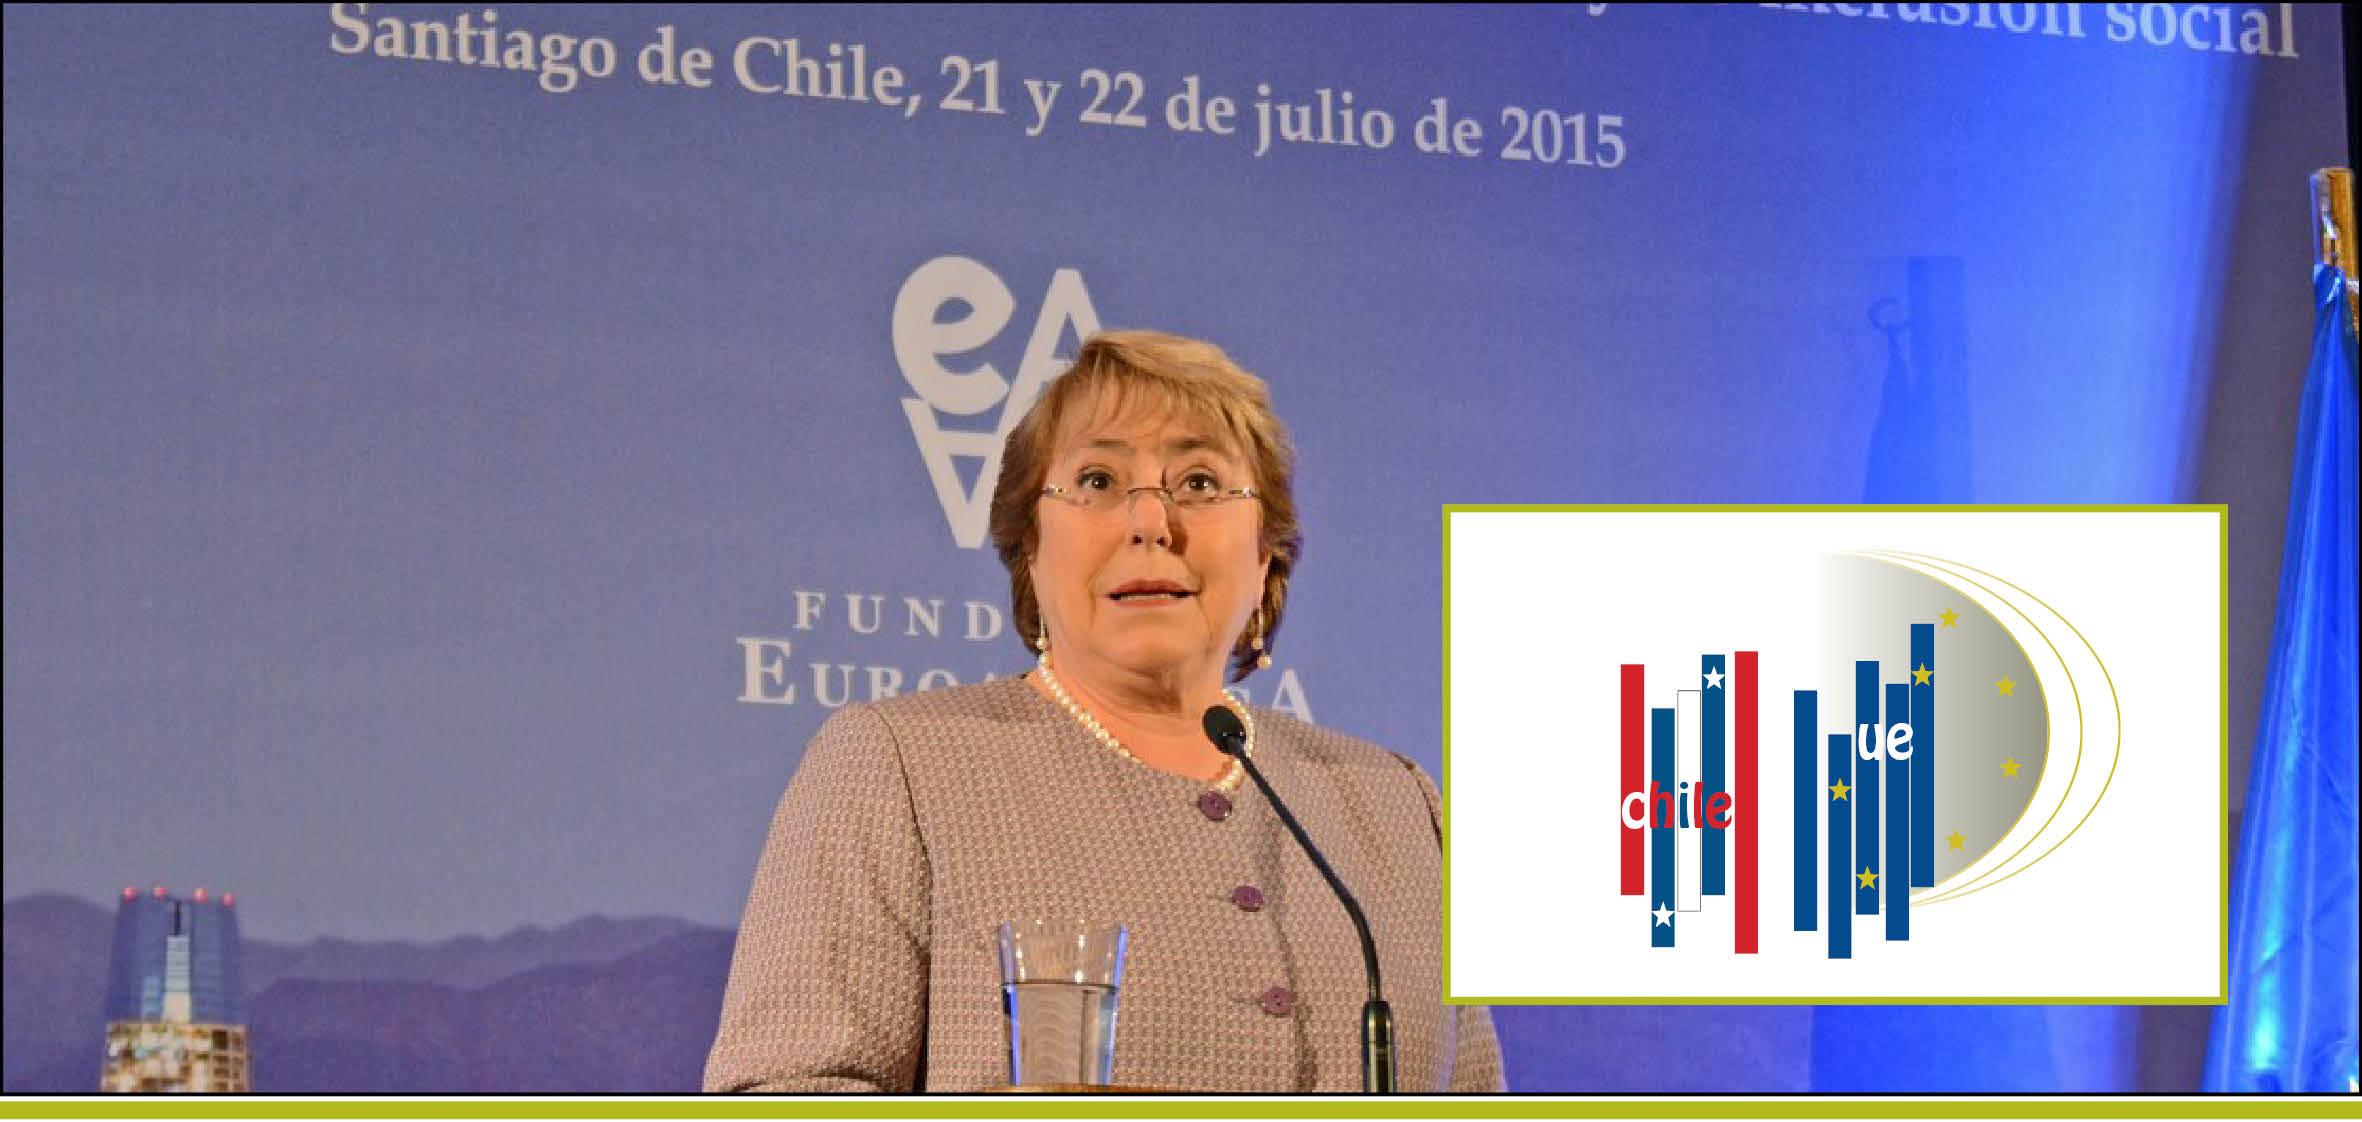 III Foro Chile-Unión Europea